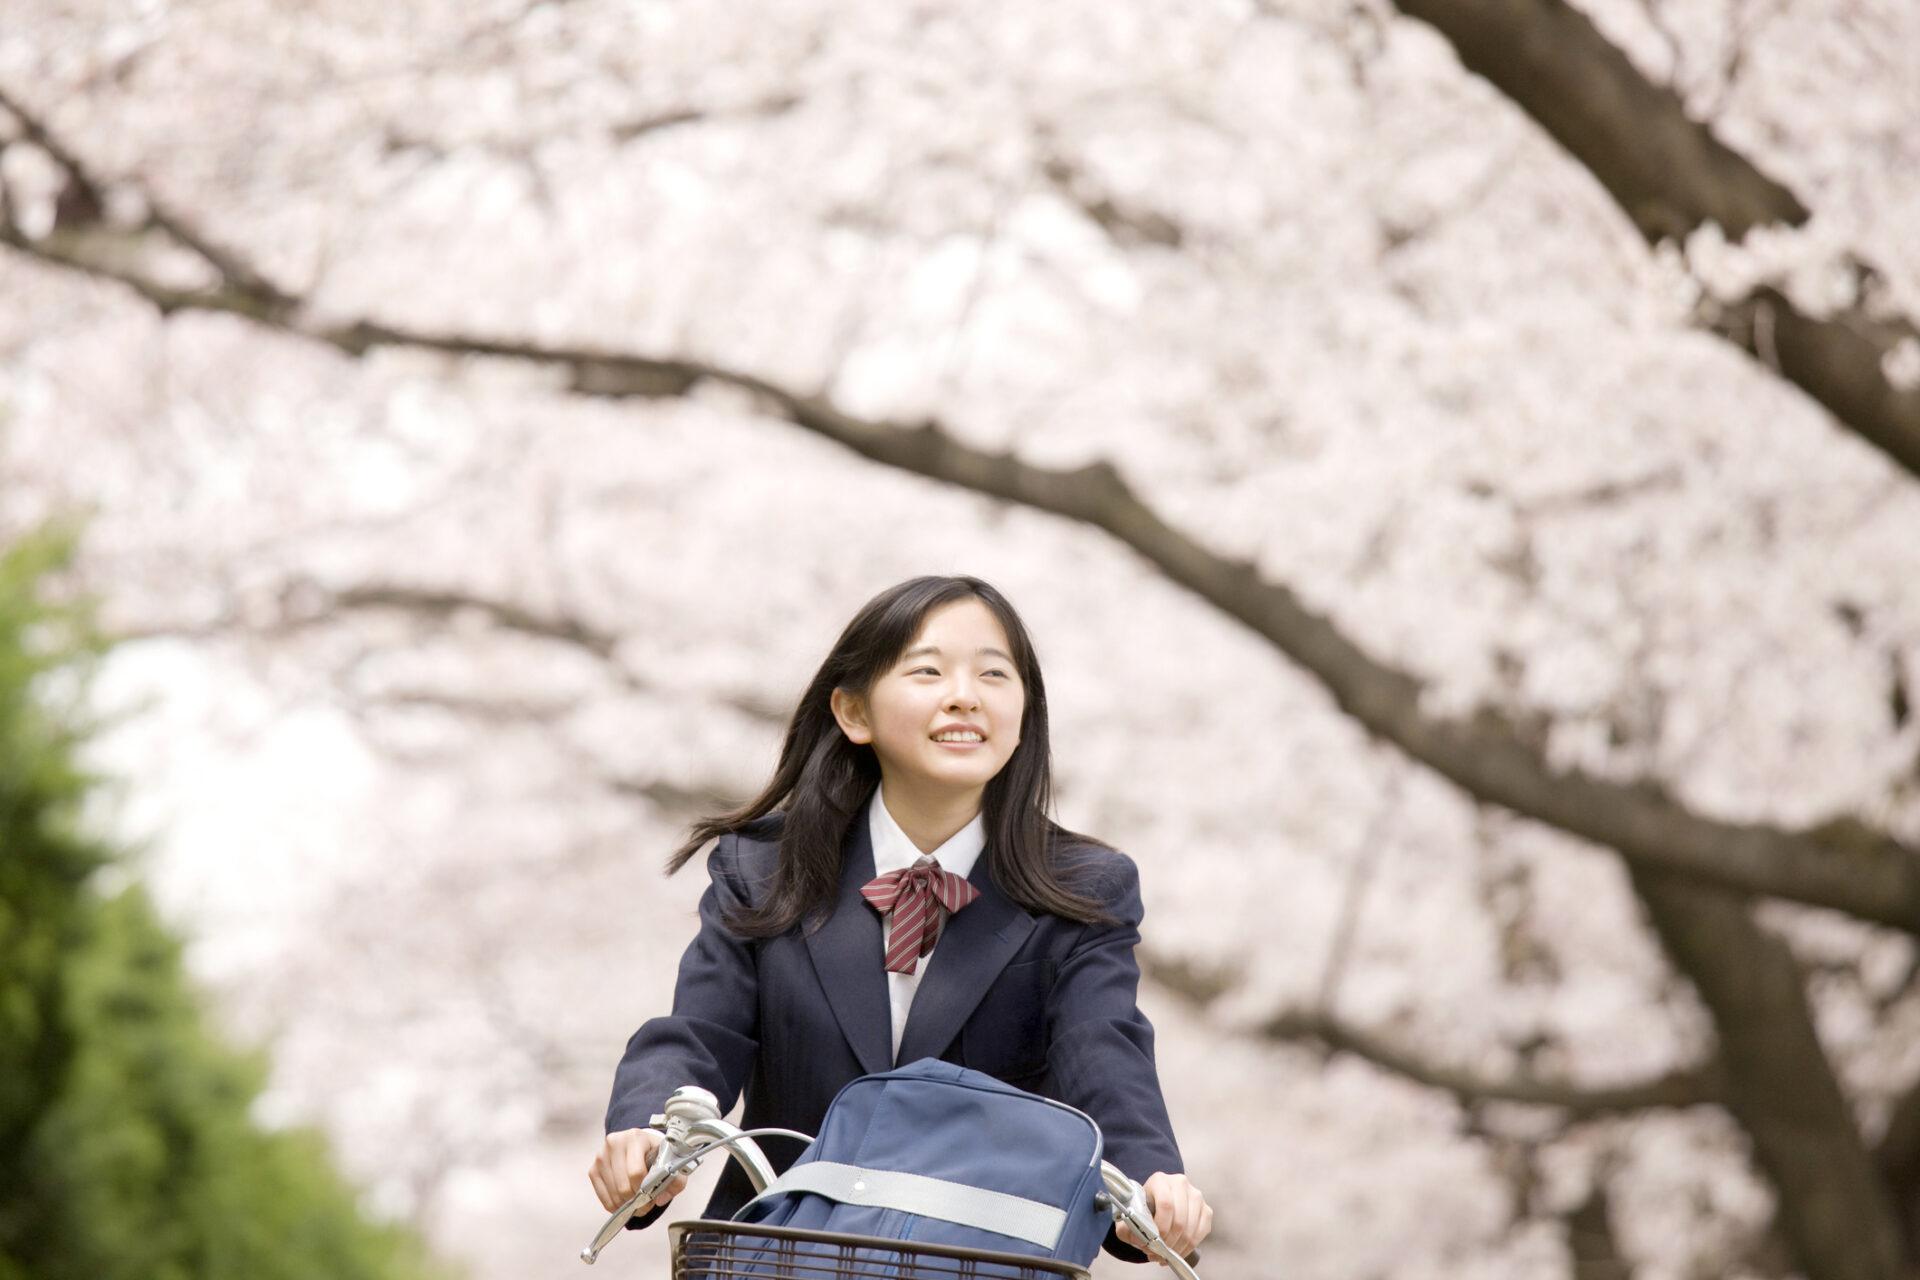 High school girl on a bike